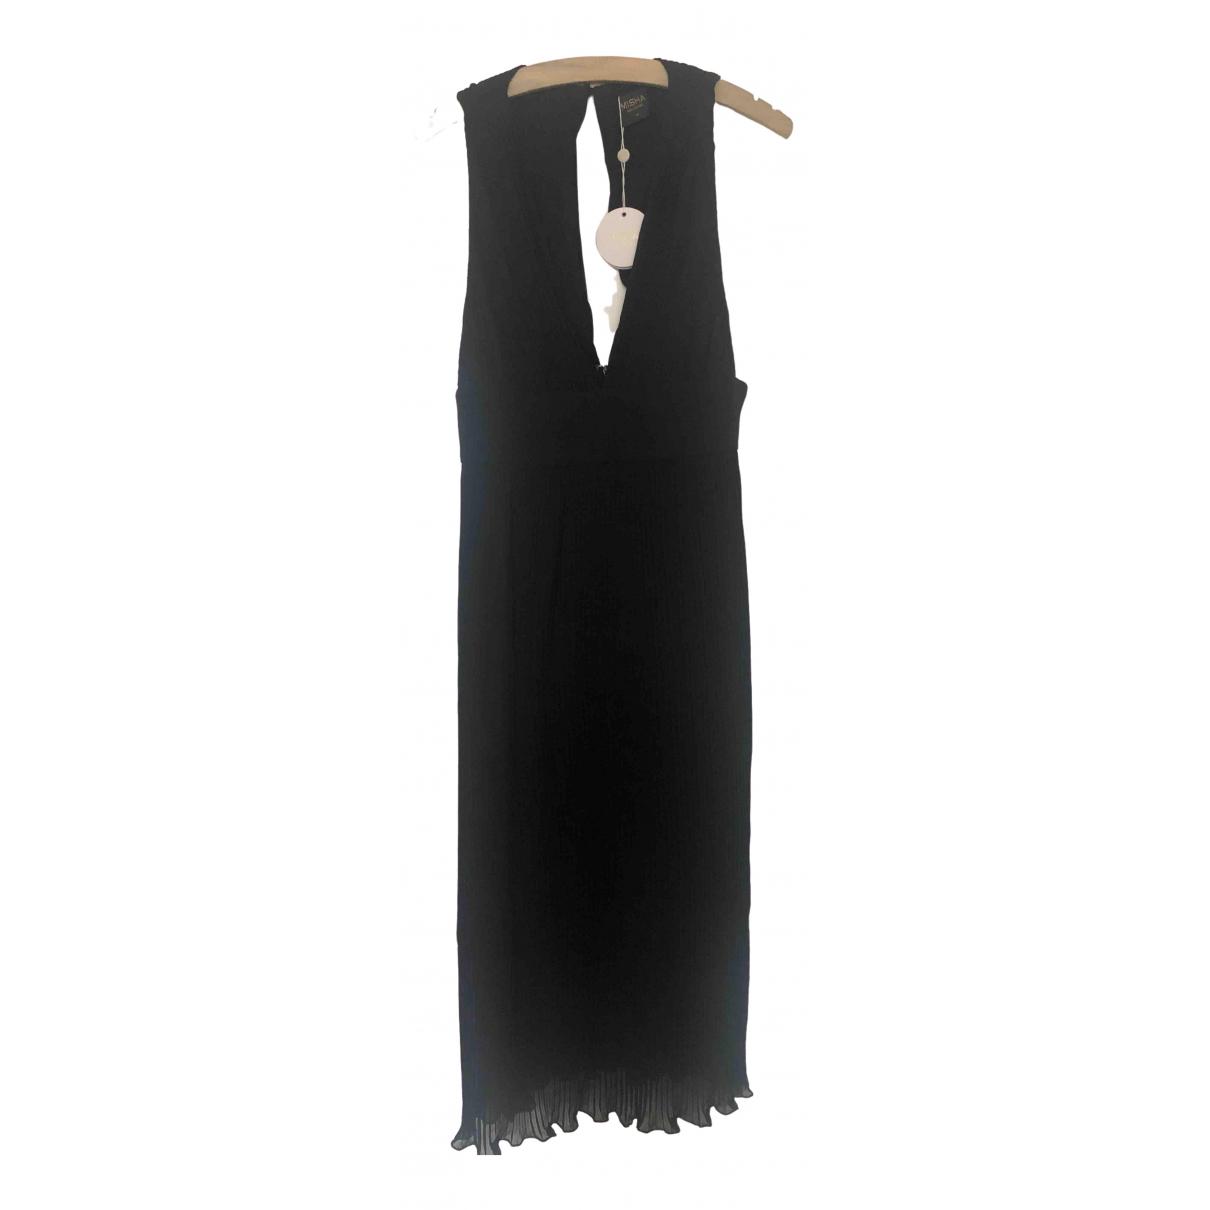 Misha Collection \N Kleid in  Schwarz Polyester